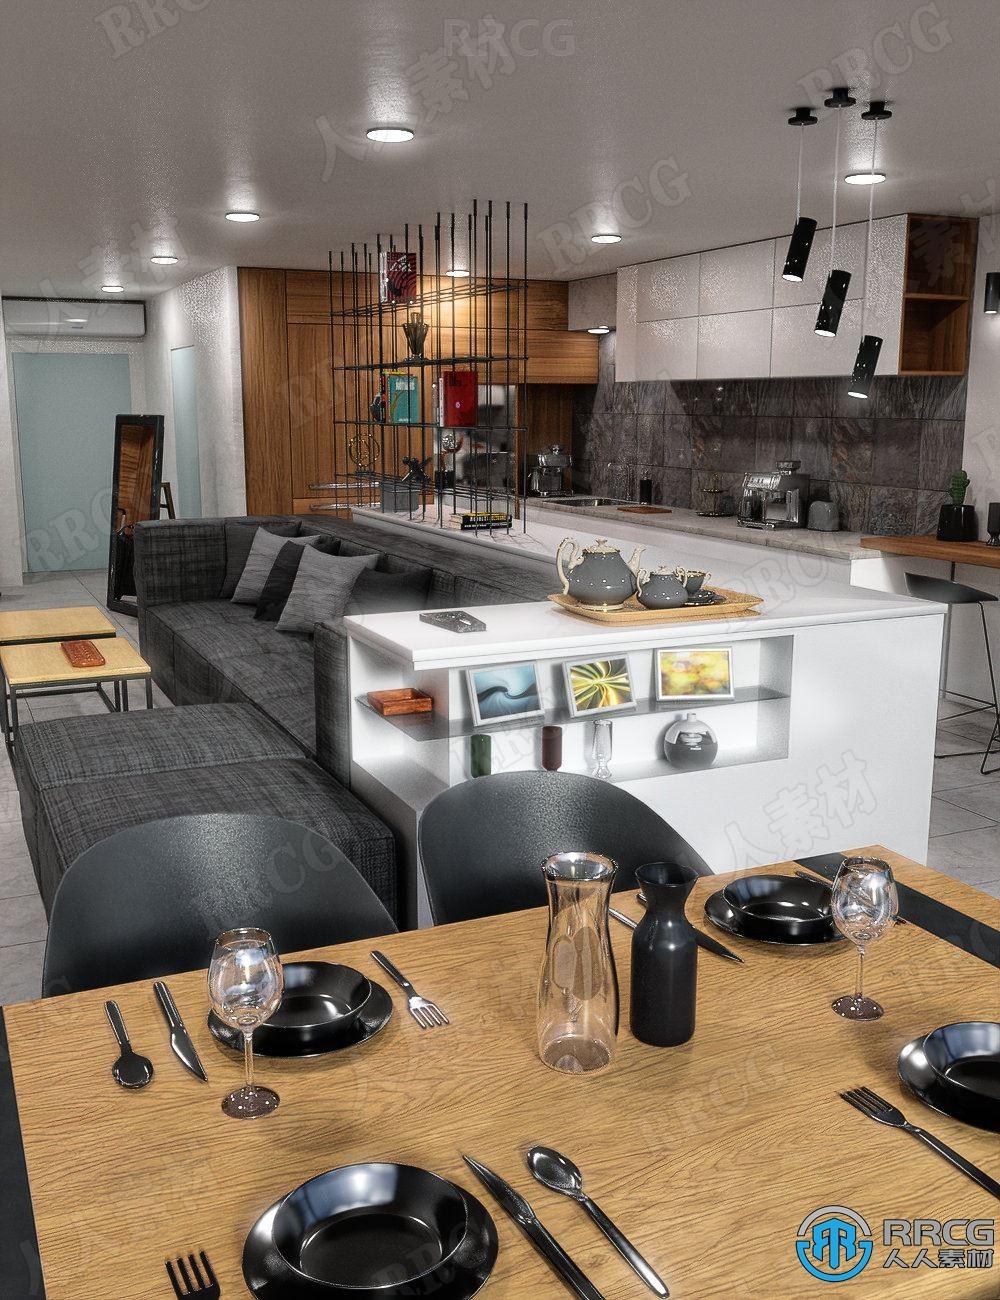 现代简约干净时尚装饰室内公寓设计3D模型合集